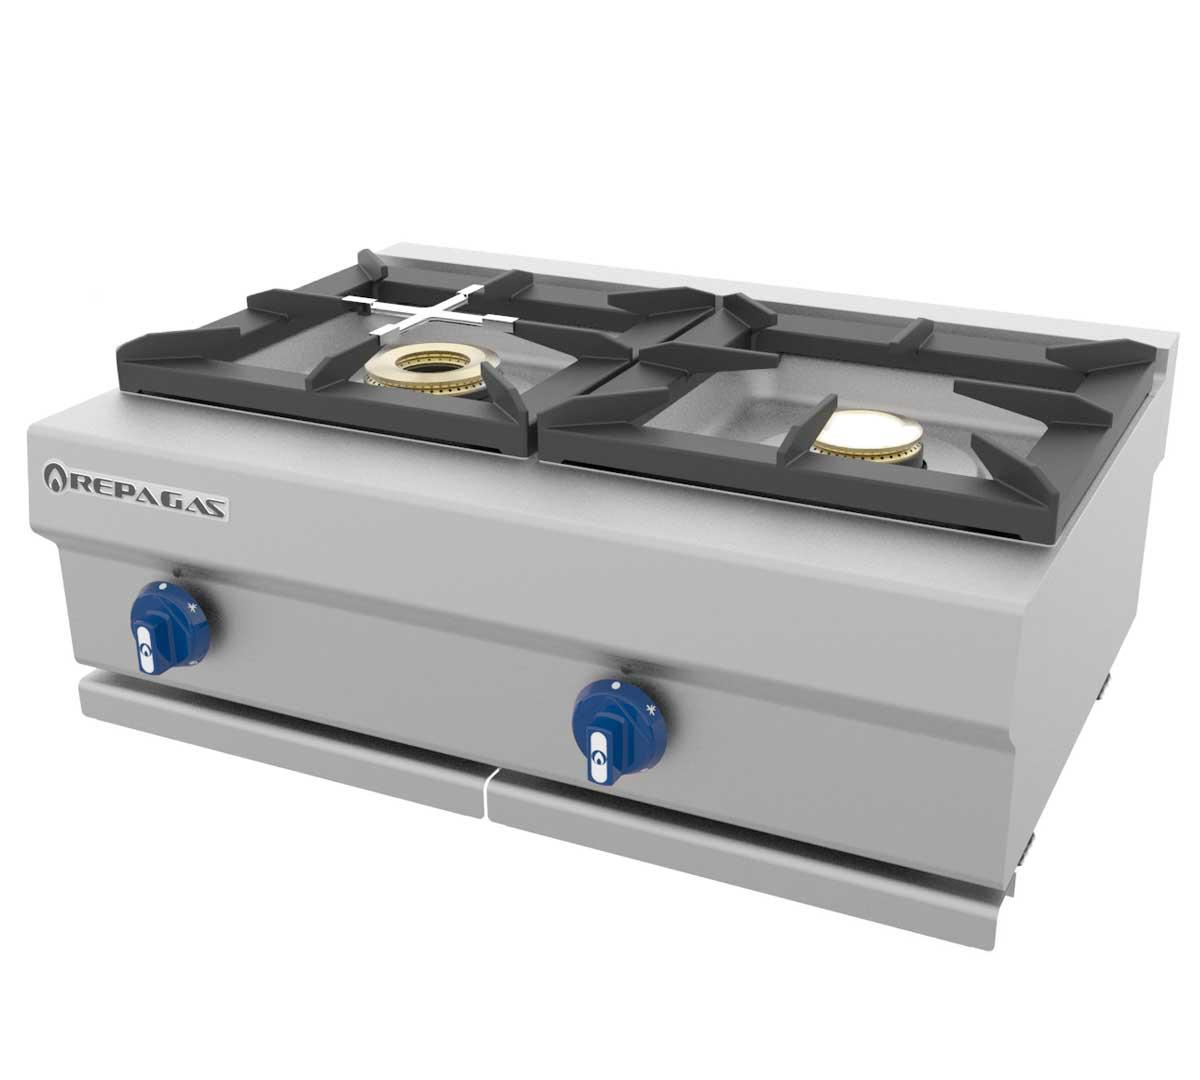 Cocina serie 550 modular sobremesa de repagas Cocinilla a gas 1 plato